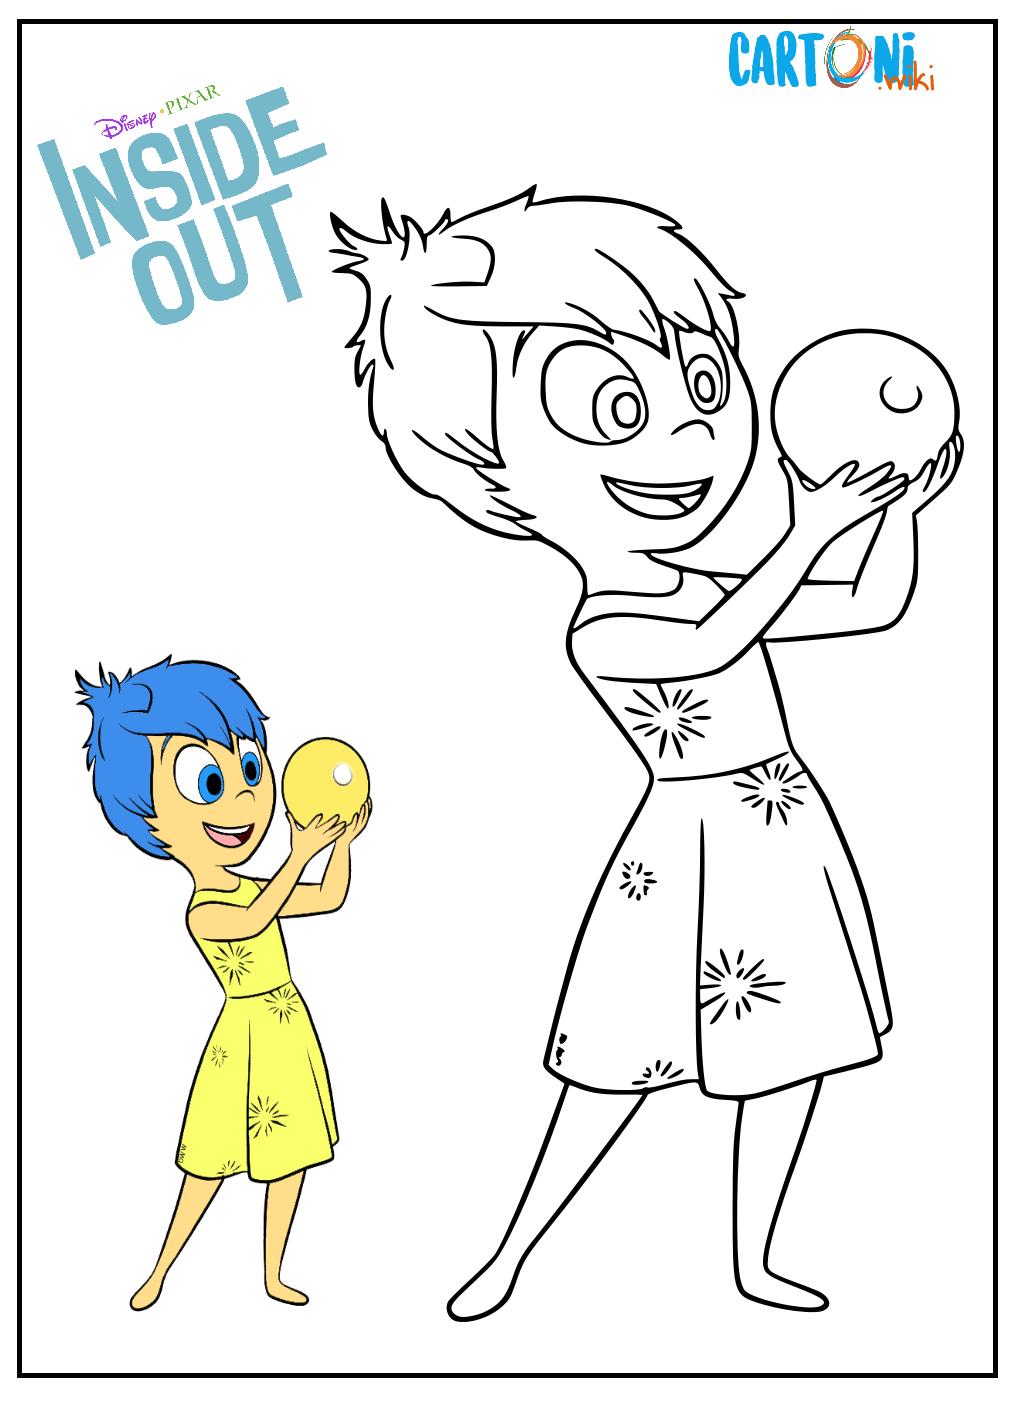 Gioia Inside Out da colorare - Disegni da colorare